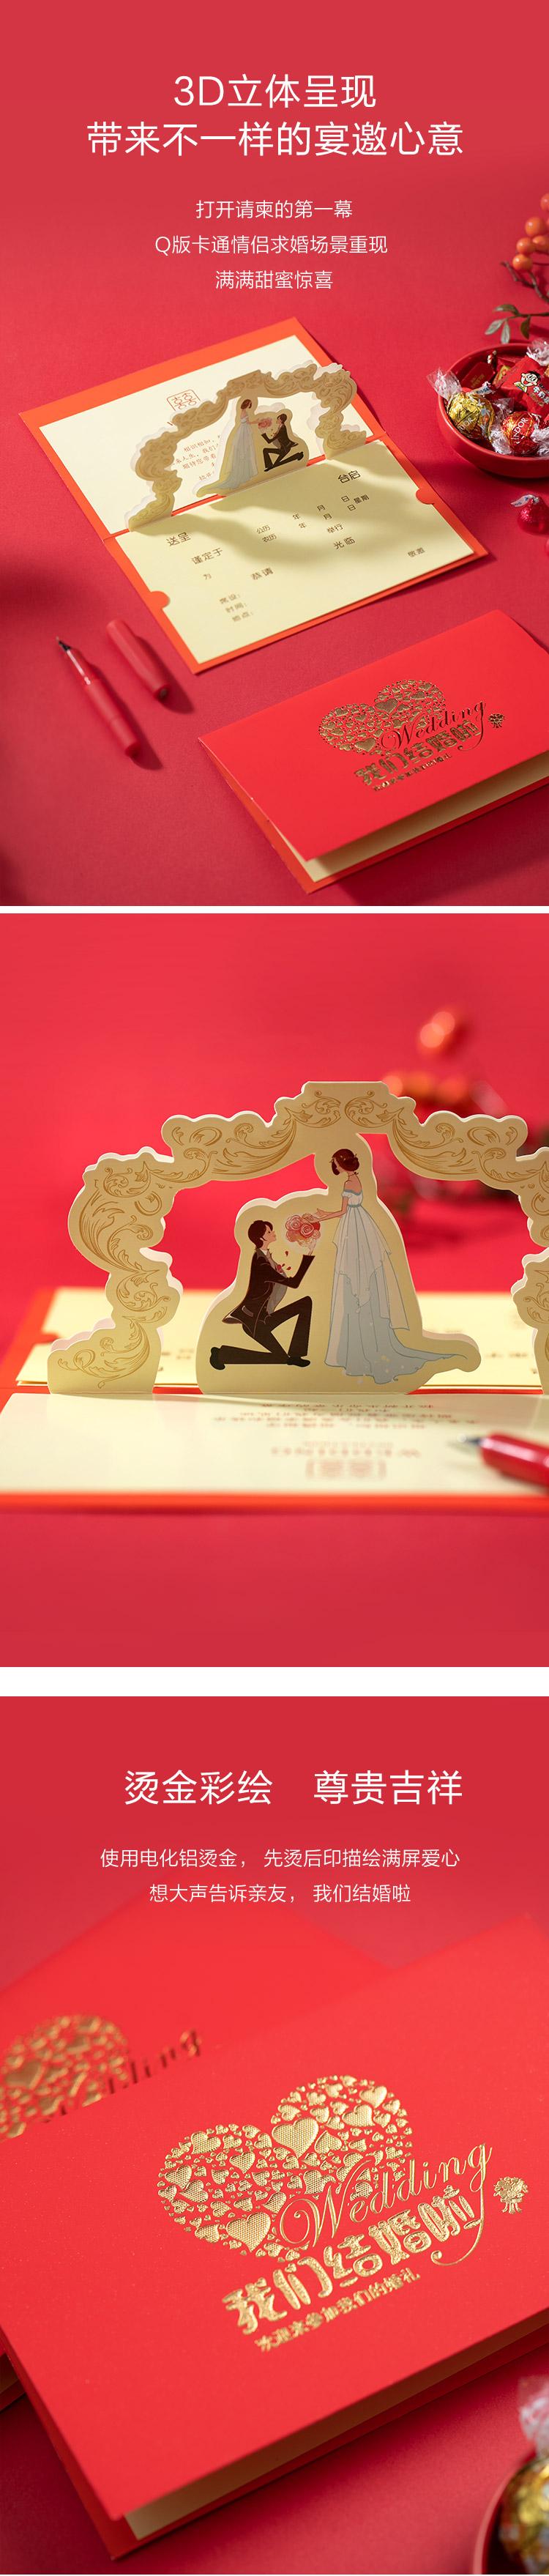 甜蜜求婚3D请柬 抖音爆款